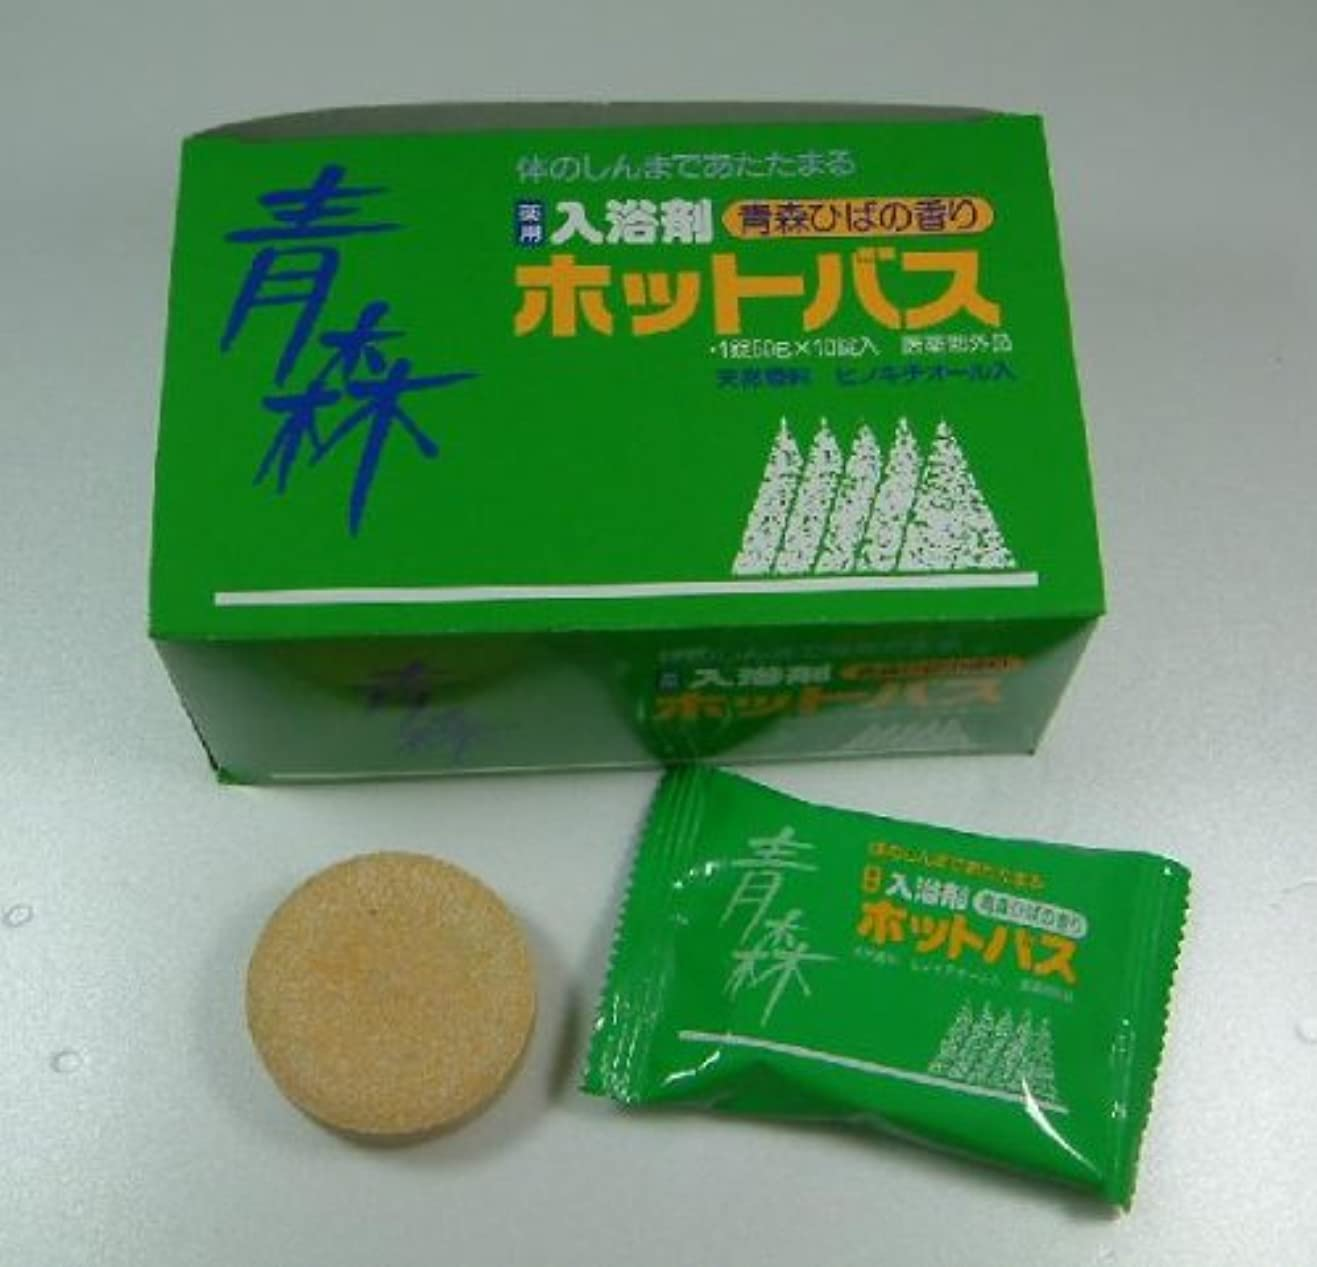 オーナーガレージ誓う青森ひば薬用入浴剤 ホットバス 10錠